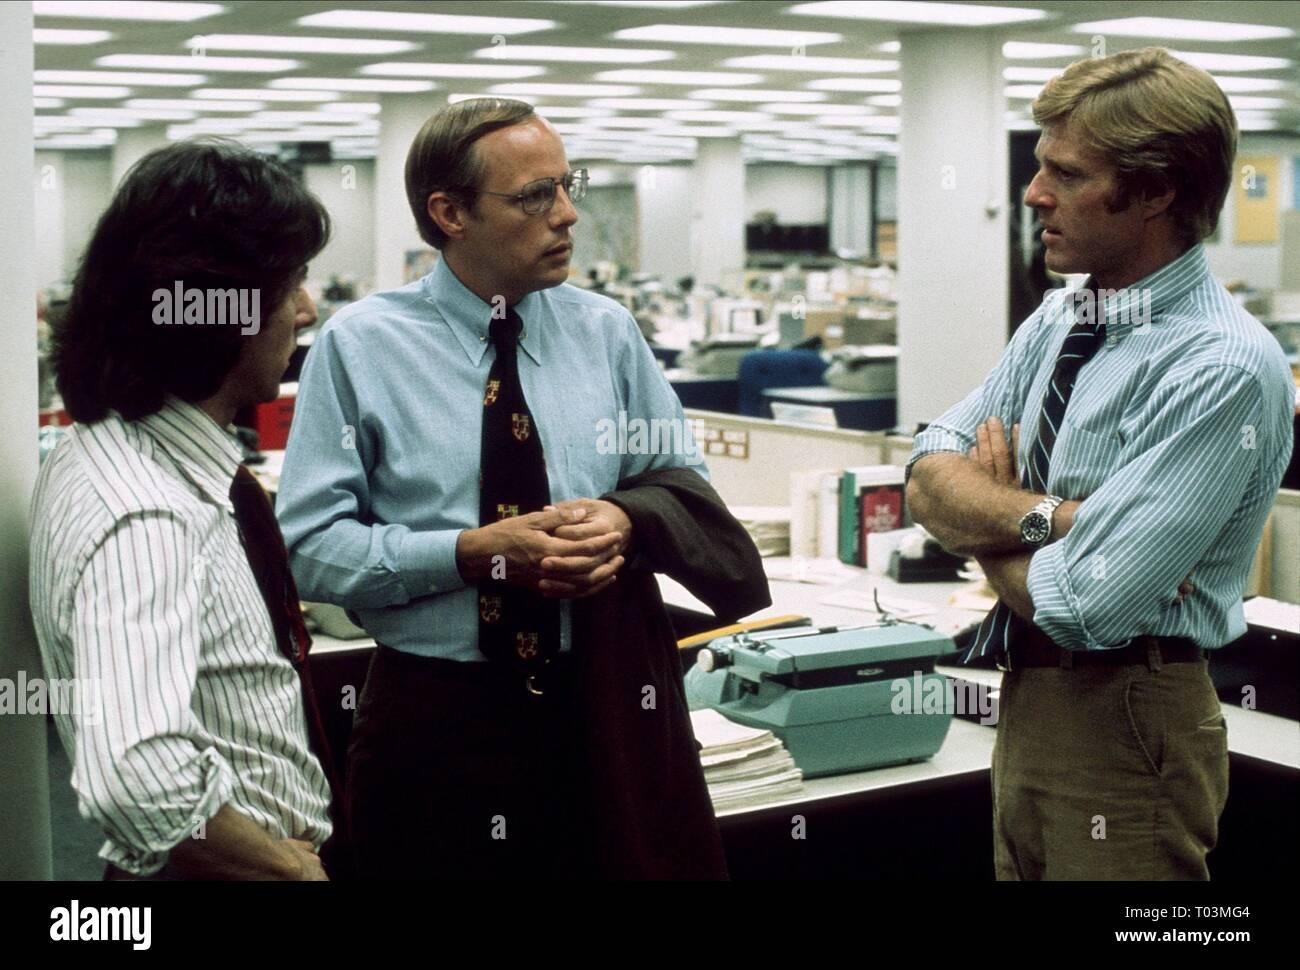 DUSTIN HOFFMAN, ROBERT REDFORD, ALL THE PRESIDENT'S MEN, 1976 - Stock Image